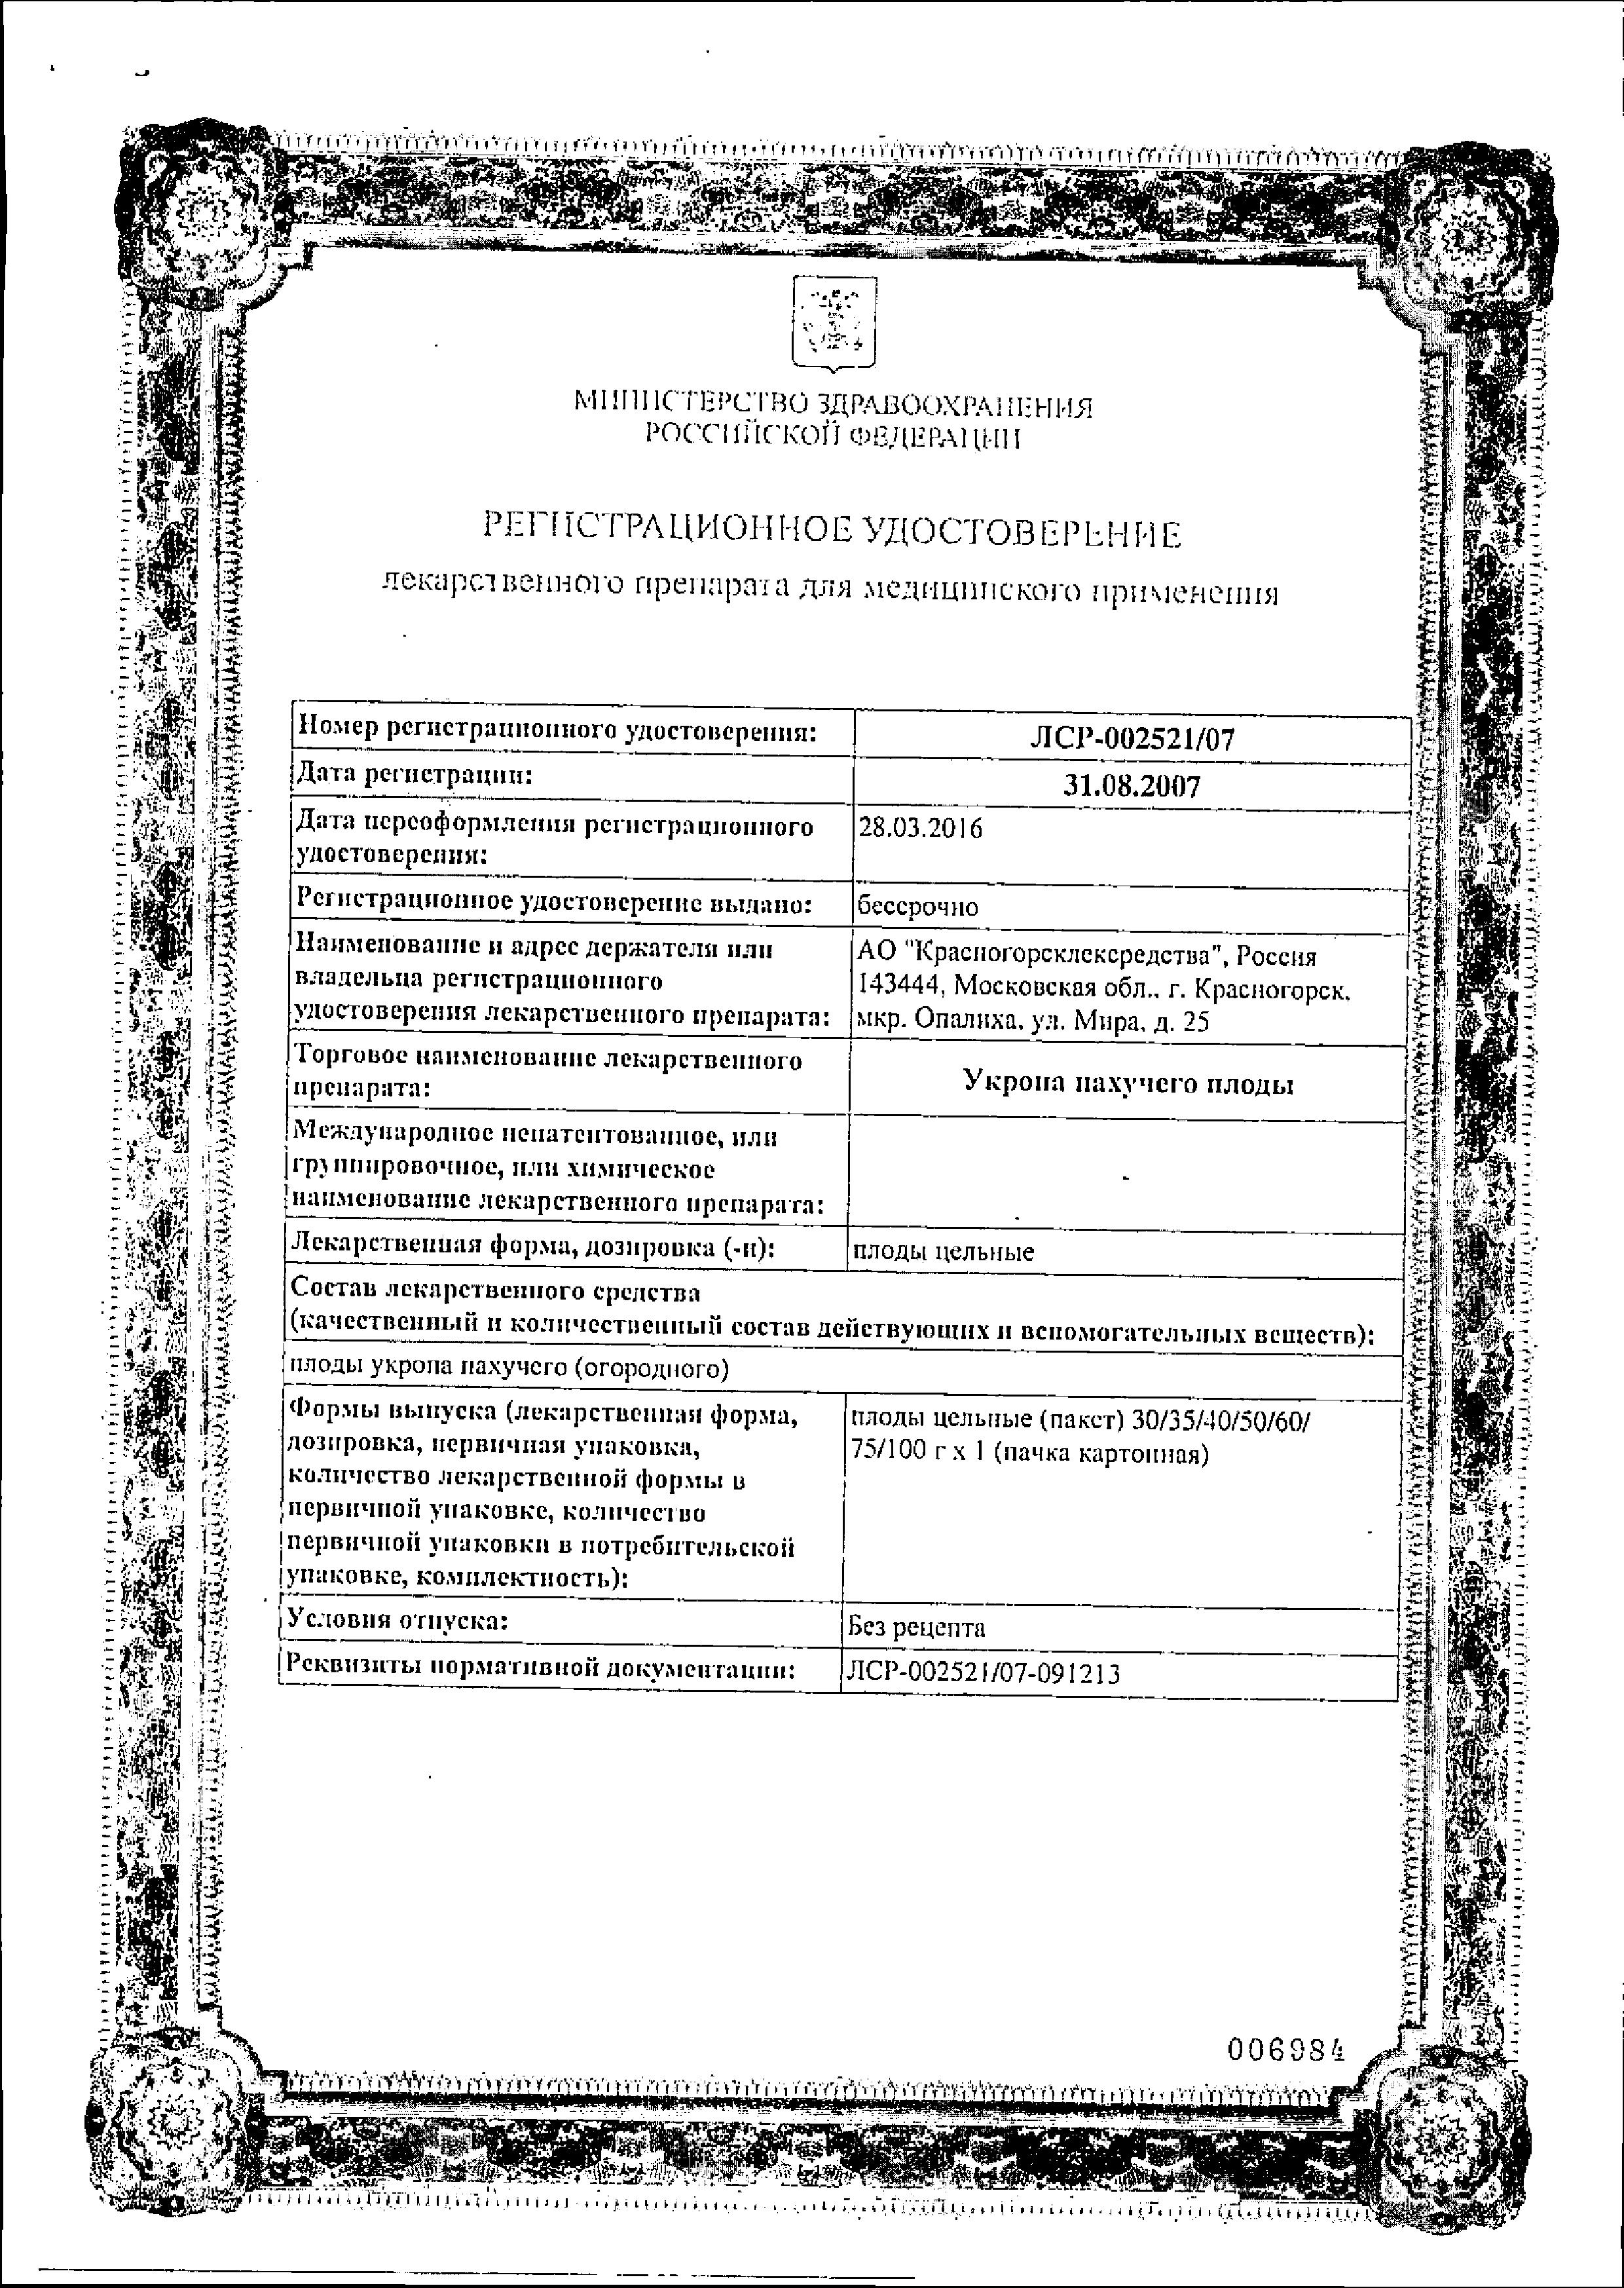 Укропа пахучего плоды сертификат